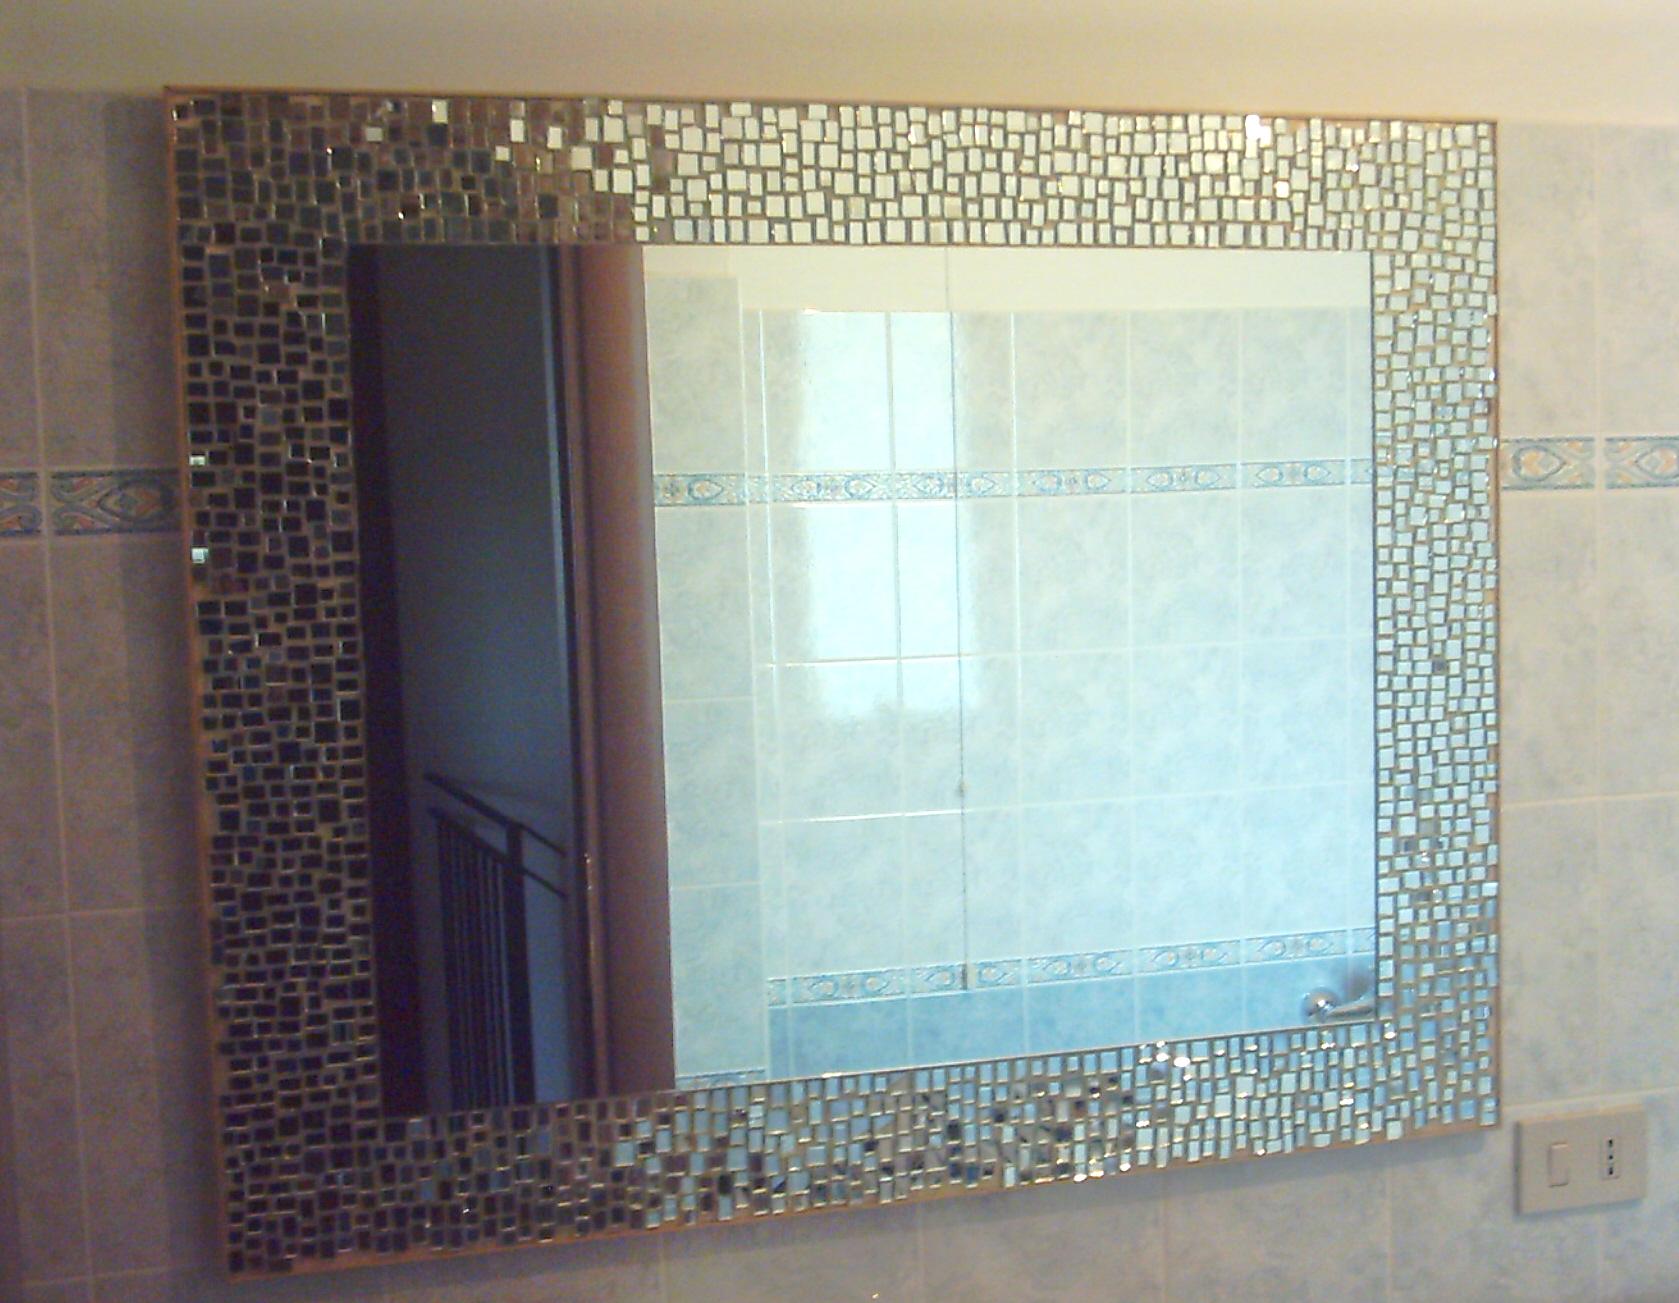 Specchi Decorati Per Bagno.Specchi Decorati A Mosaico Oostwand